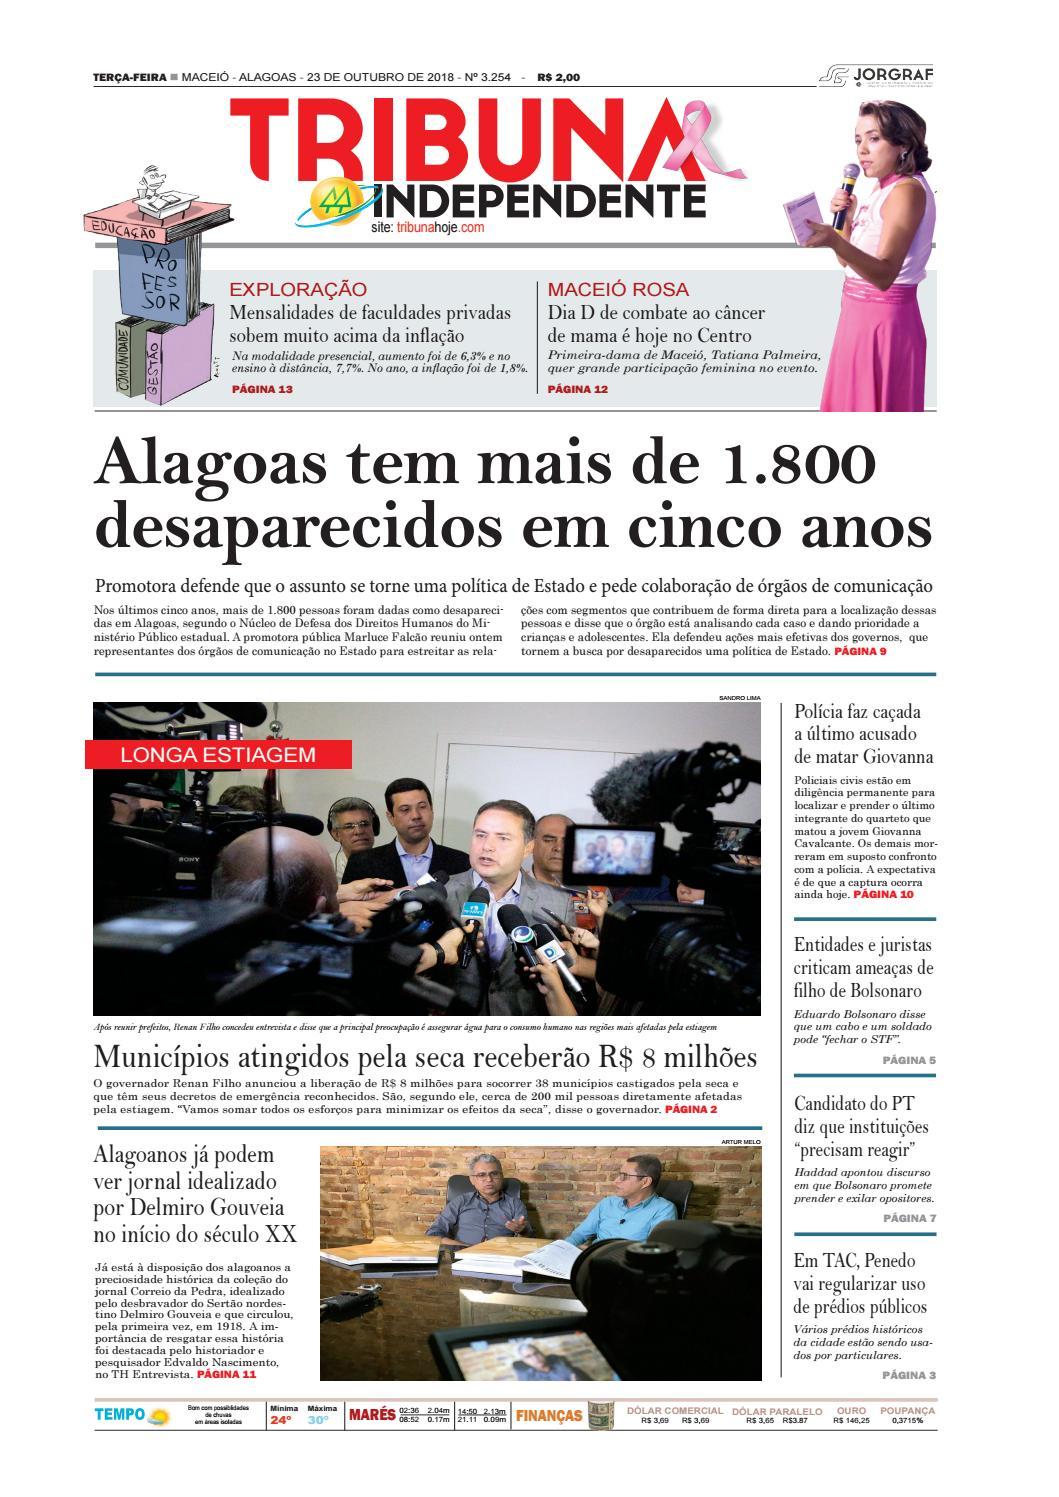 1bca264ed23 Edição número 3254 - 23 de outubro de 2018 by Tribuna Hoje - issuu